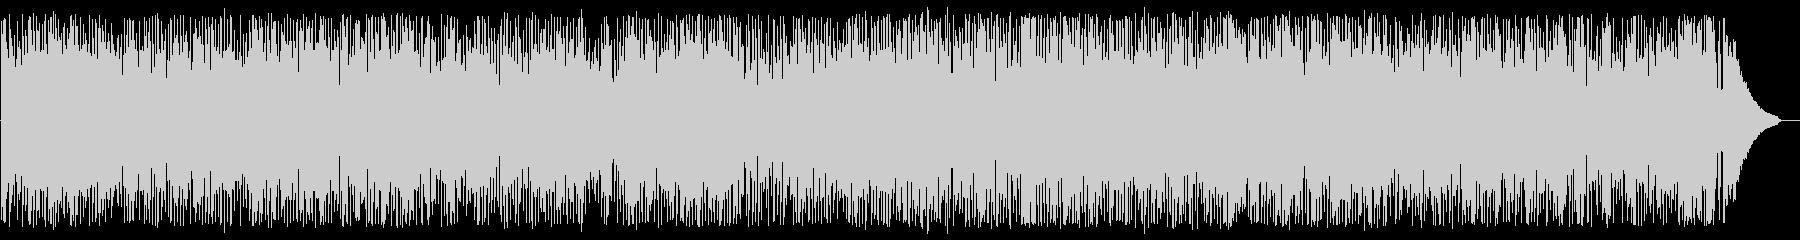 アヴェ・マリア/グノーacousticの未再生の波形